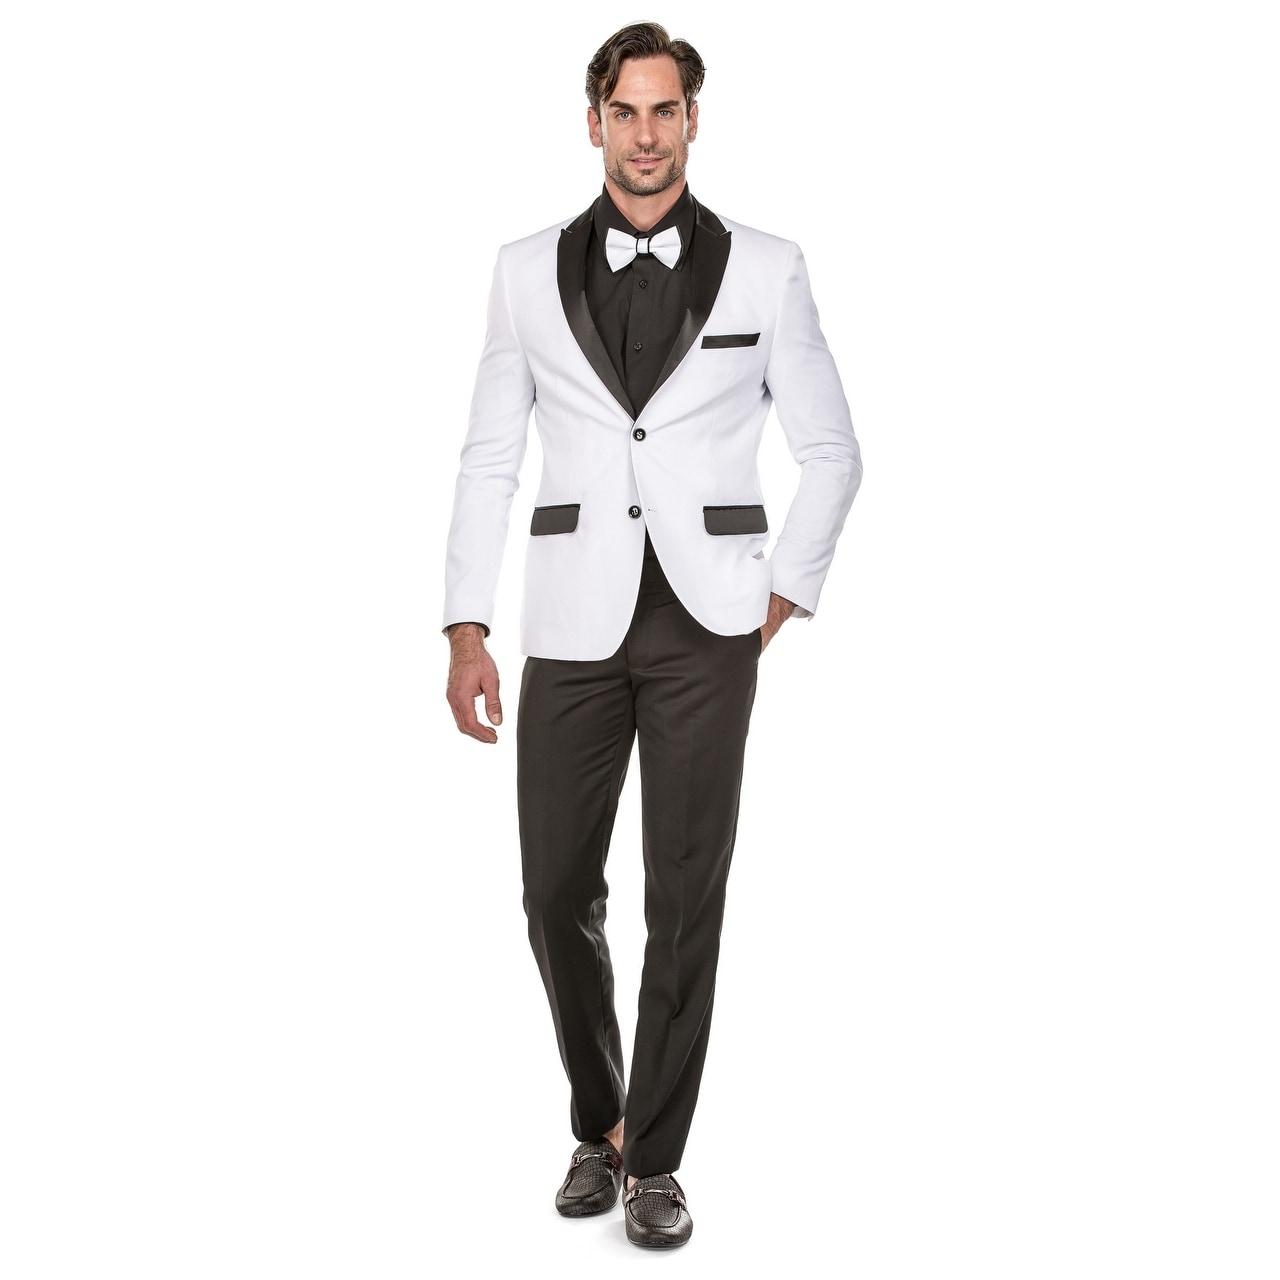 classic chic top-rated original great deals 2017 Porto Filo Men's 2 Piece White Tuxedo Slim-Fit Suit (White Jacket, Black  Pants)